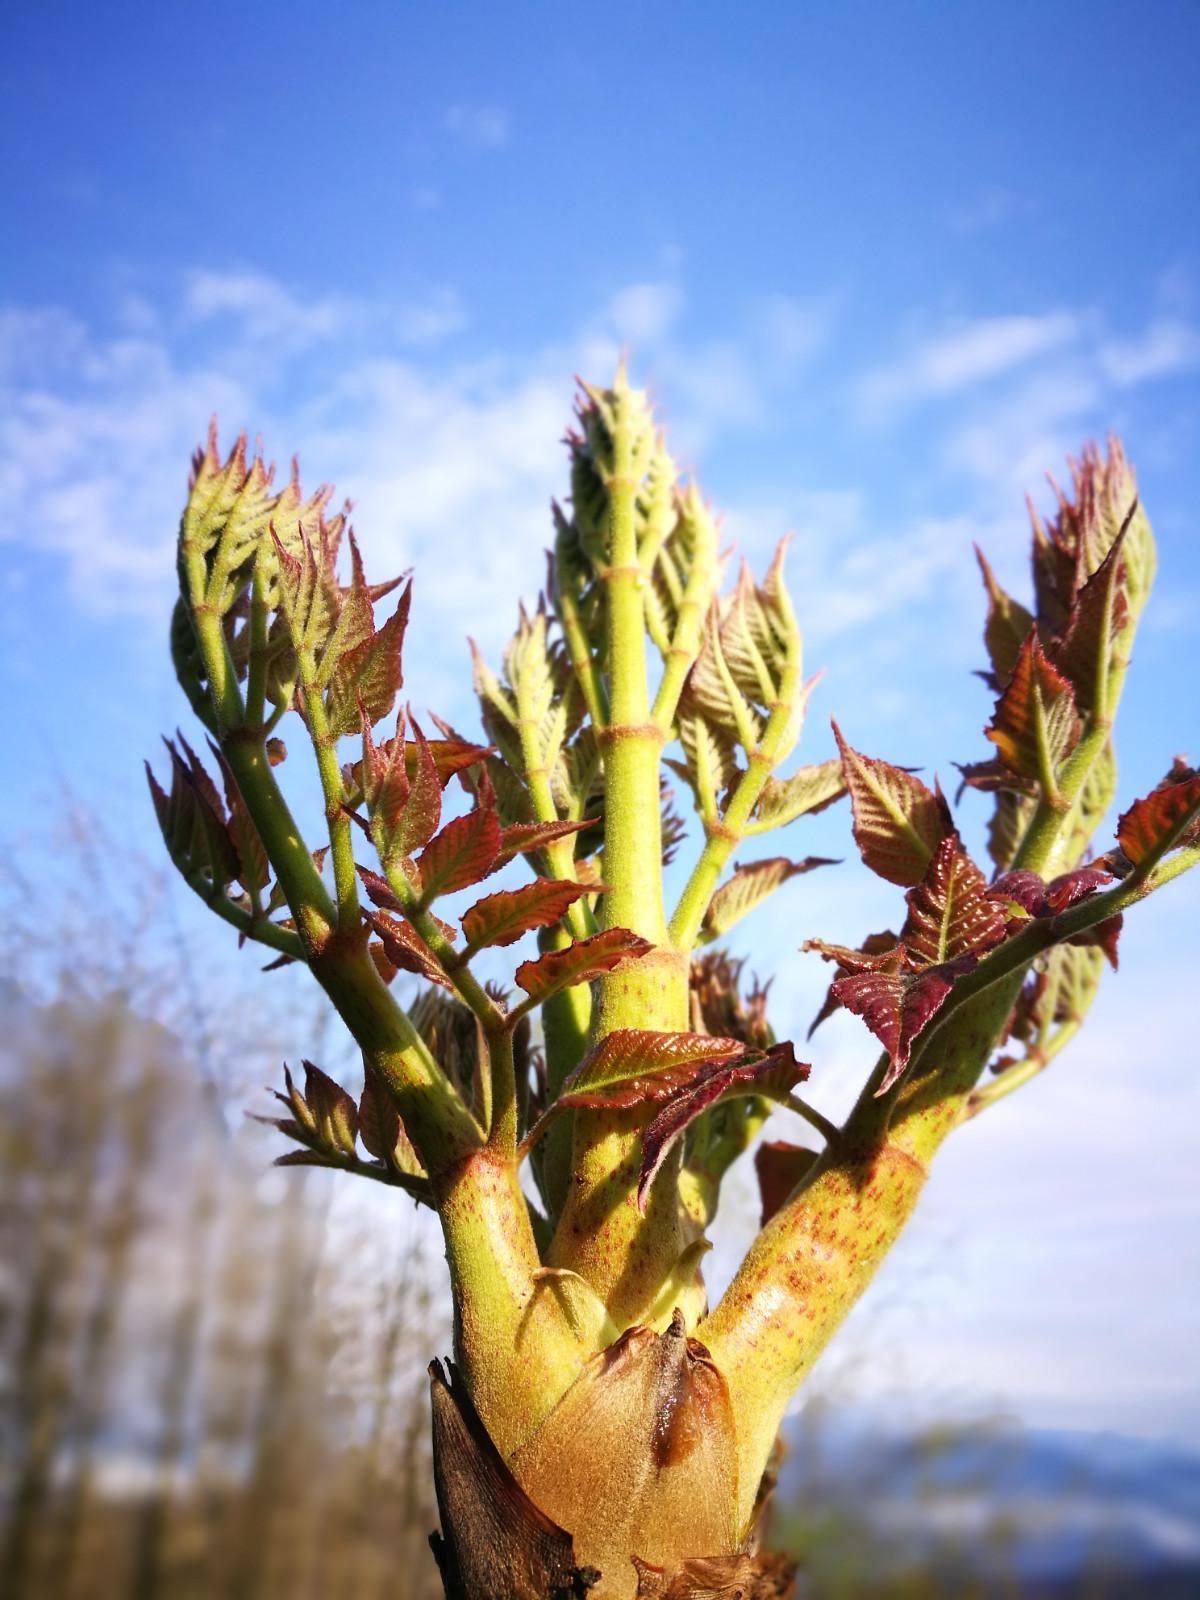 春天吃野菜的季节,摘刺老芽